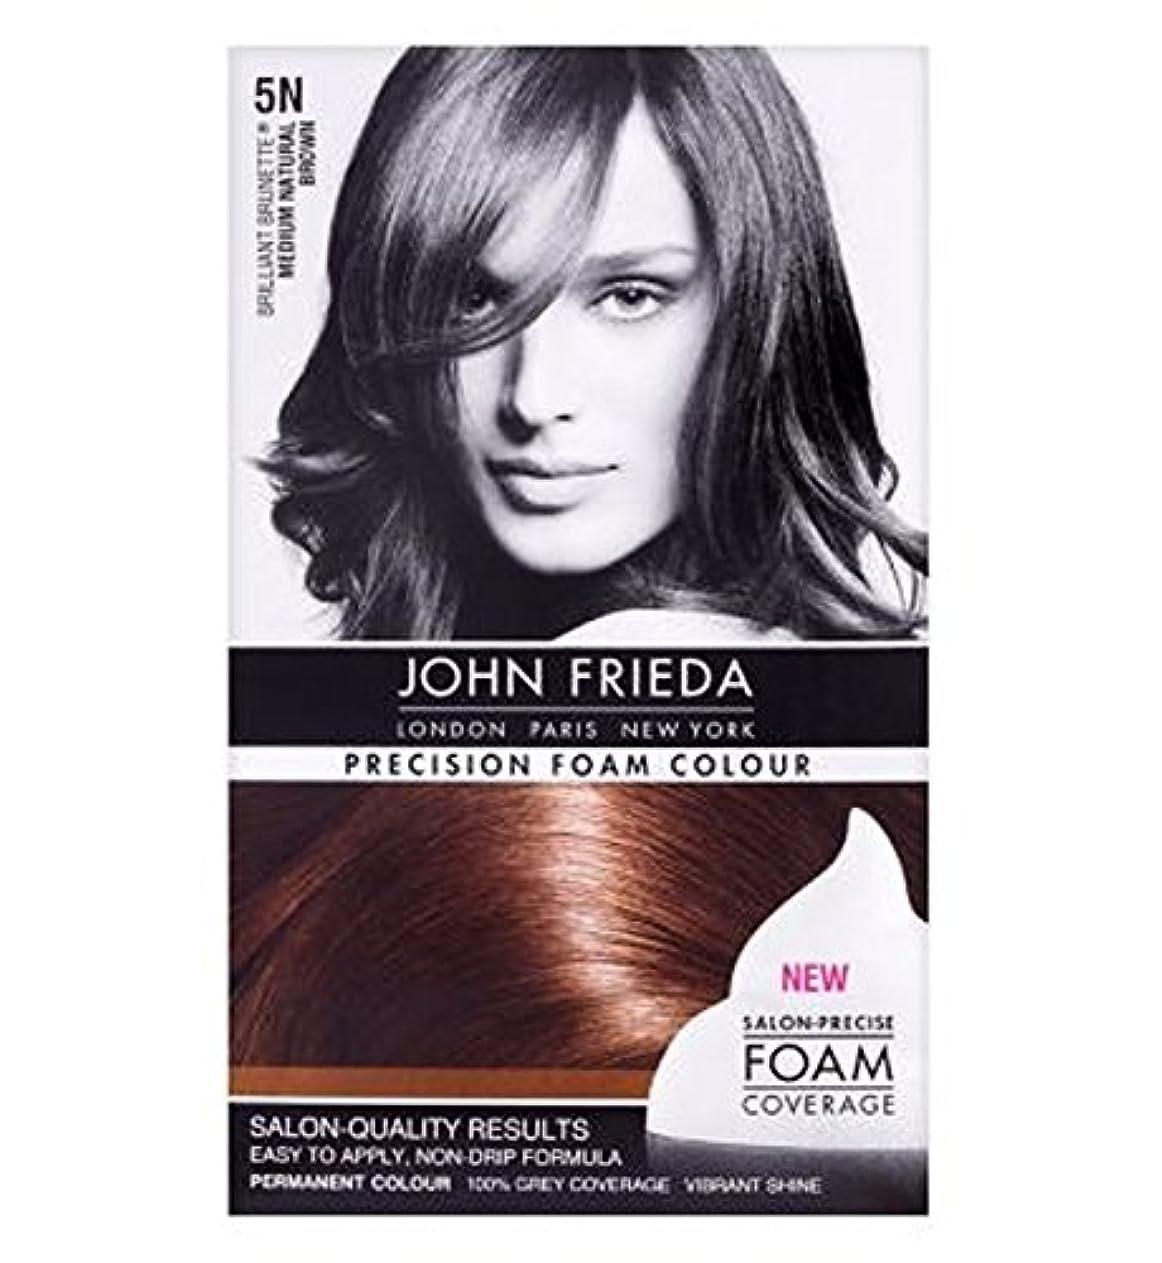 冒険者努力競合他社選手John Frieda Precision Foam Colour Medium Natural Brown 5N - ジョン?フリーダ精密泡カラーミディアムナチュラルブラウン5N (John Frieda) [並行輸入品]